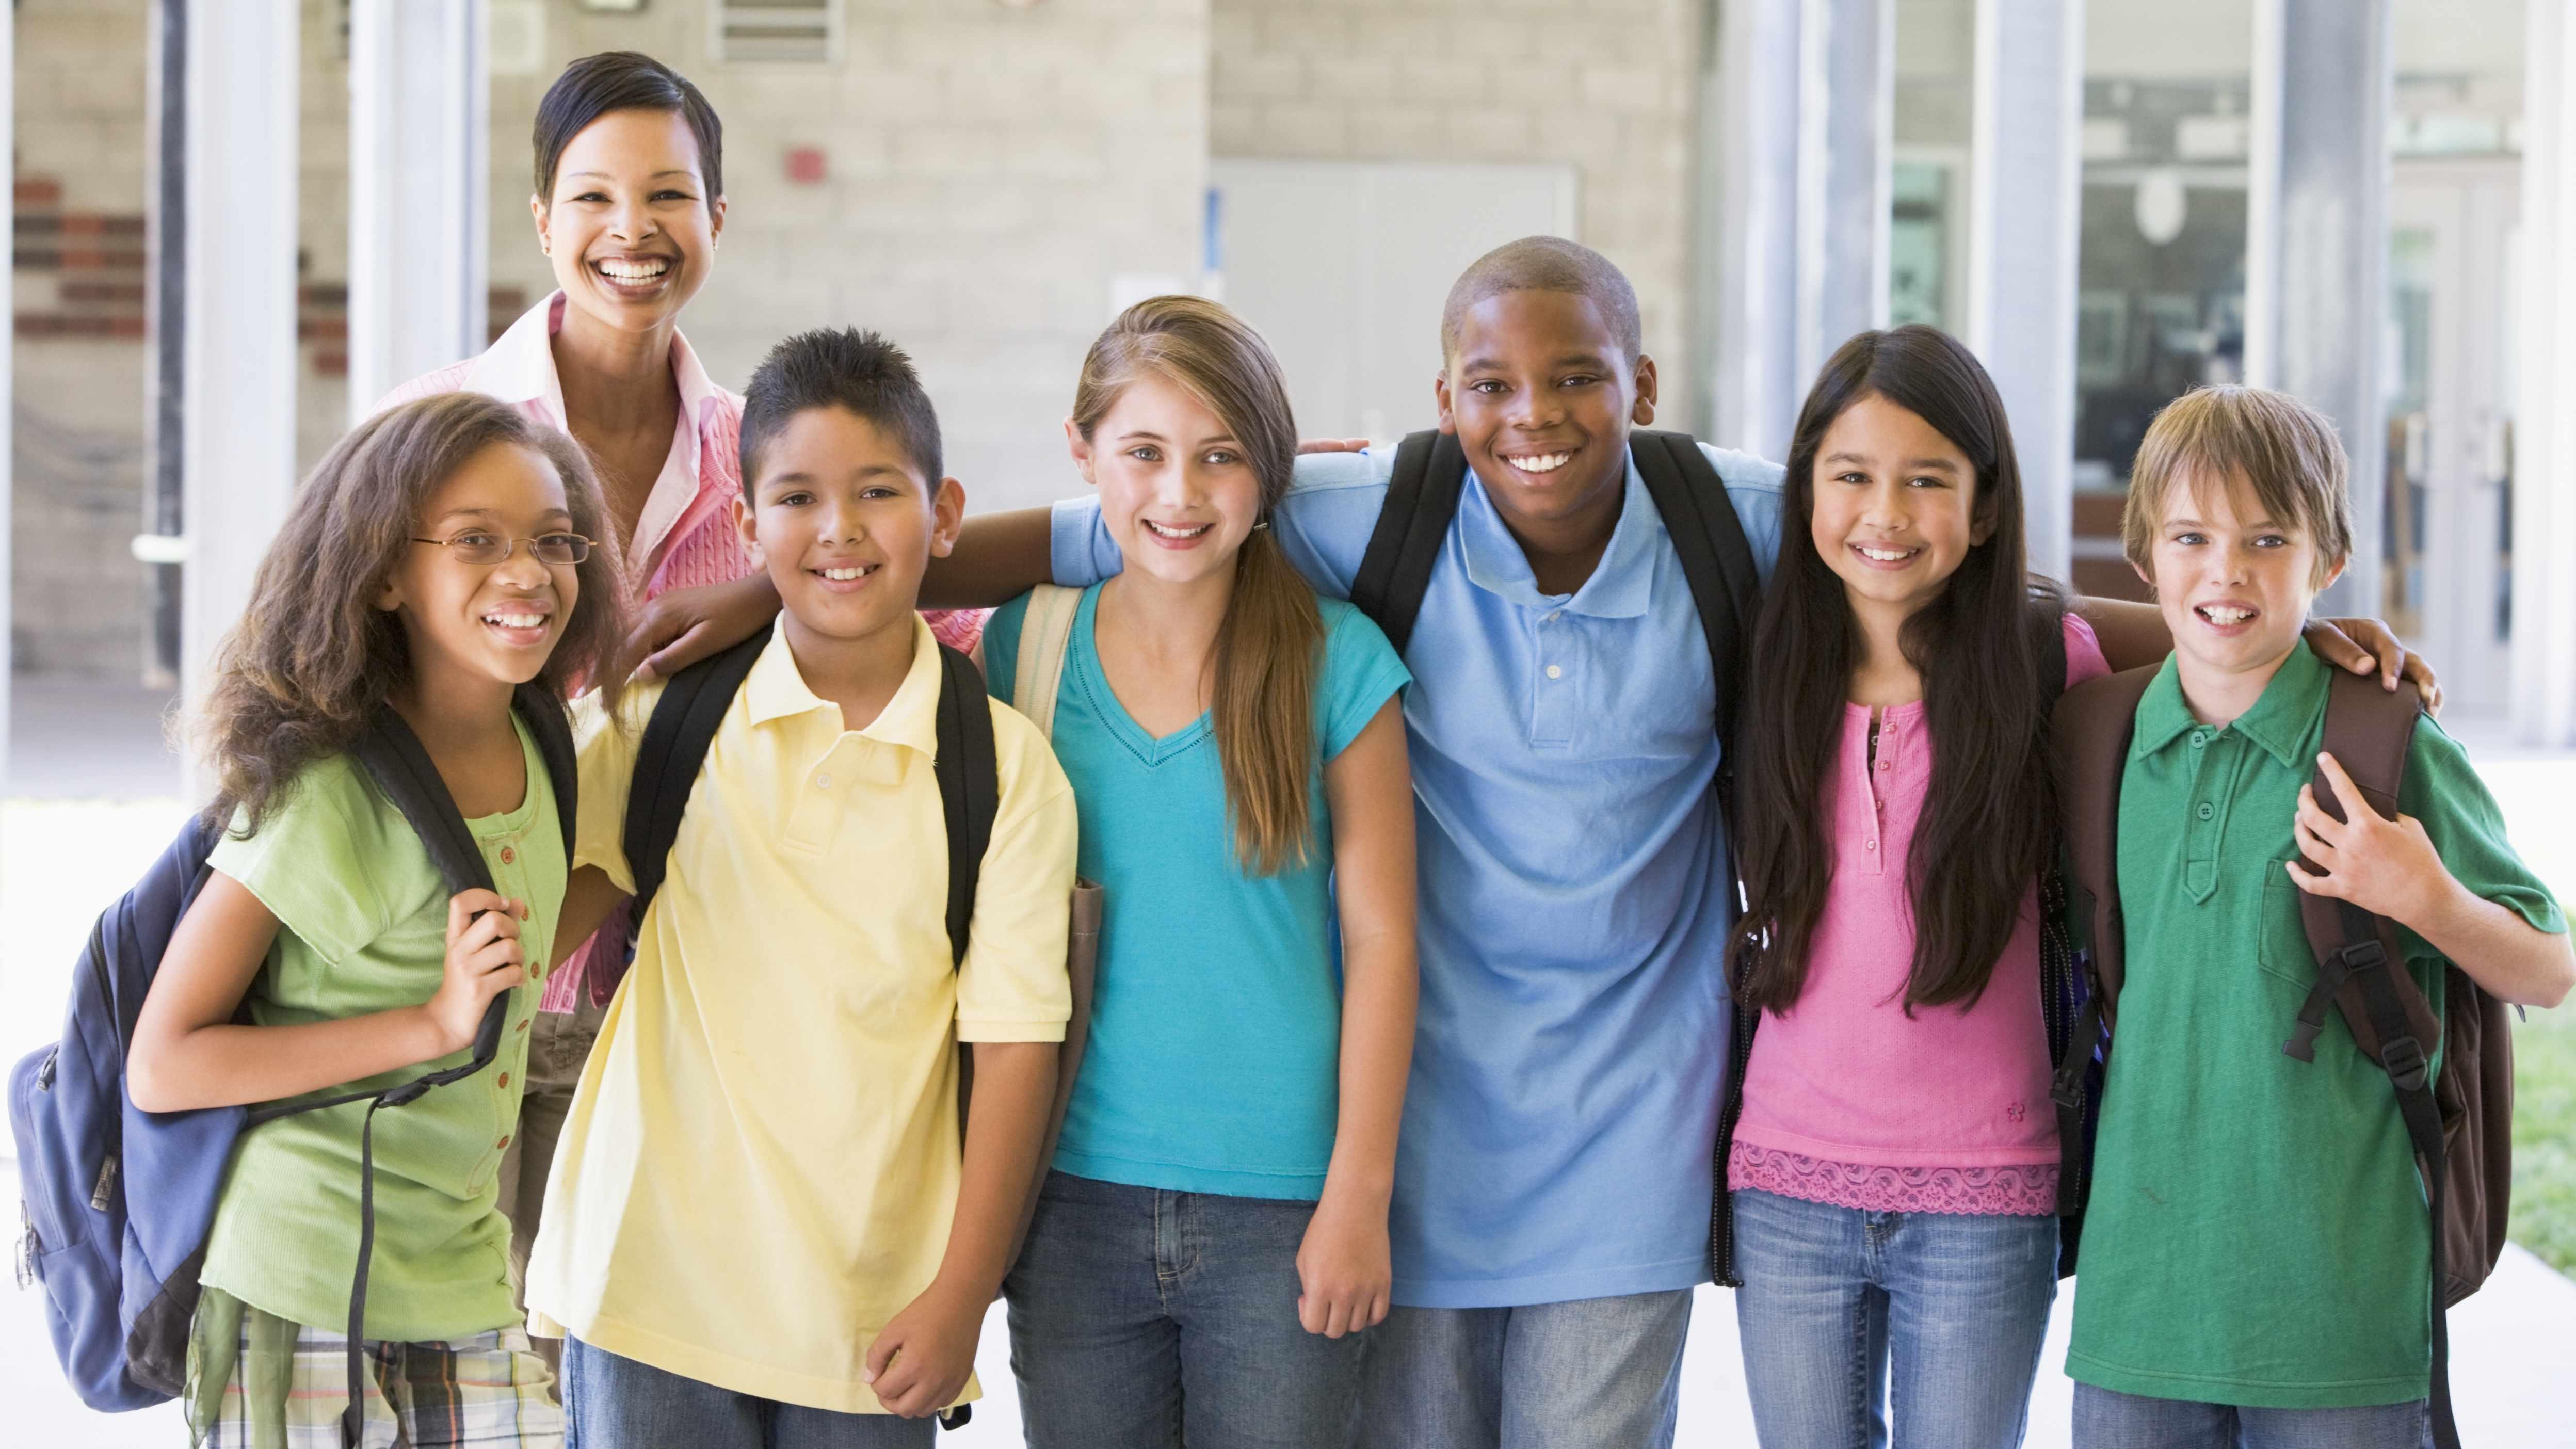 Grupo de adolescentes con chicos y chicas